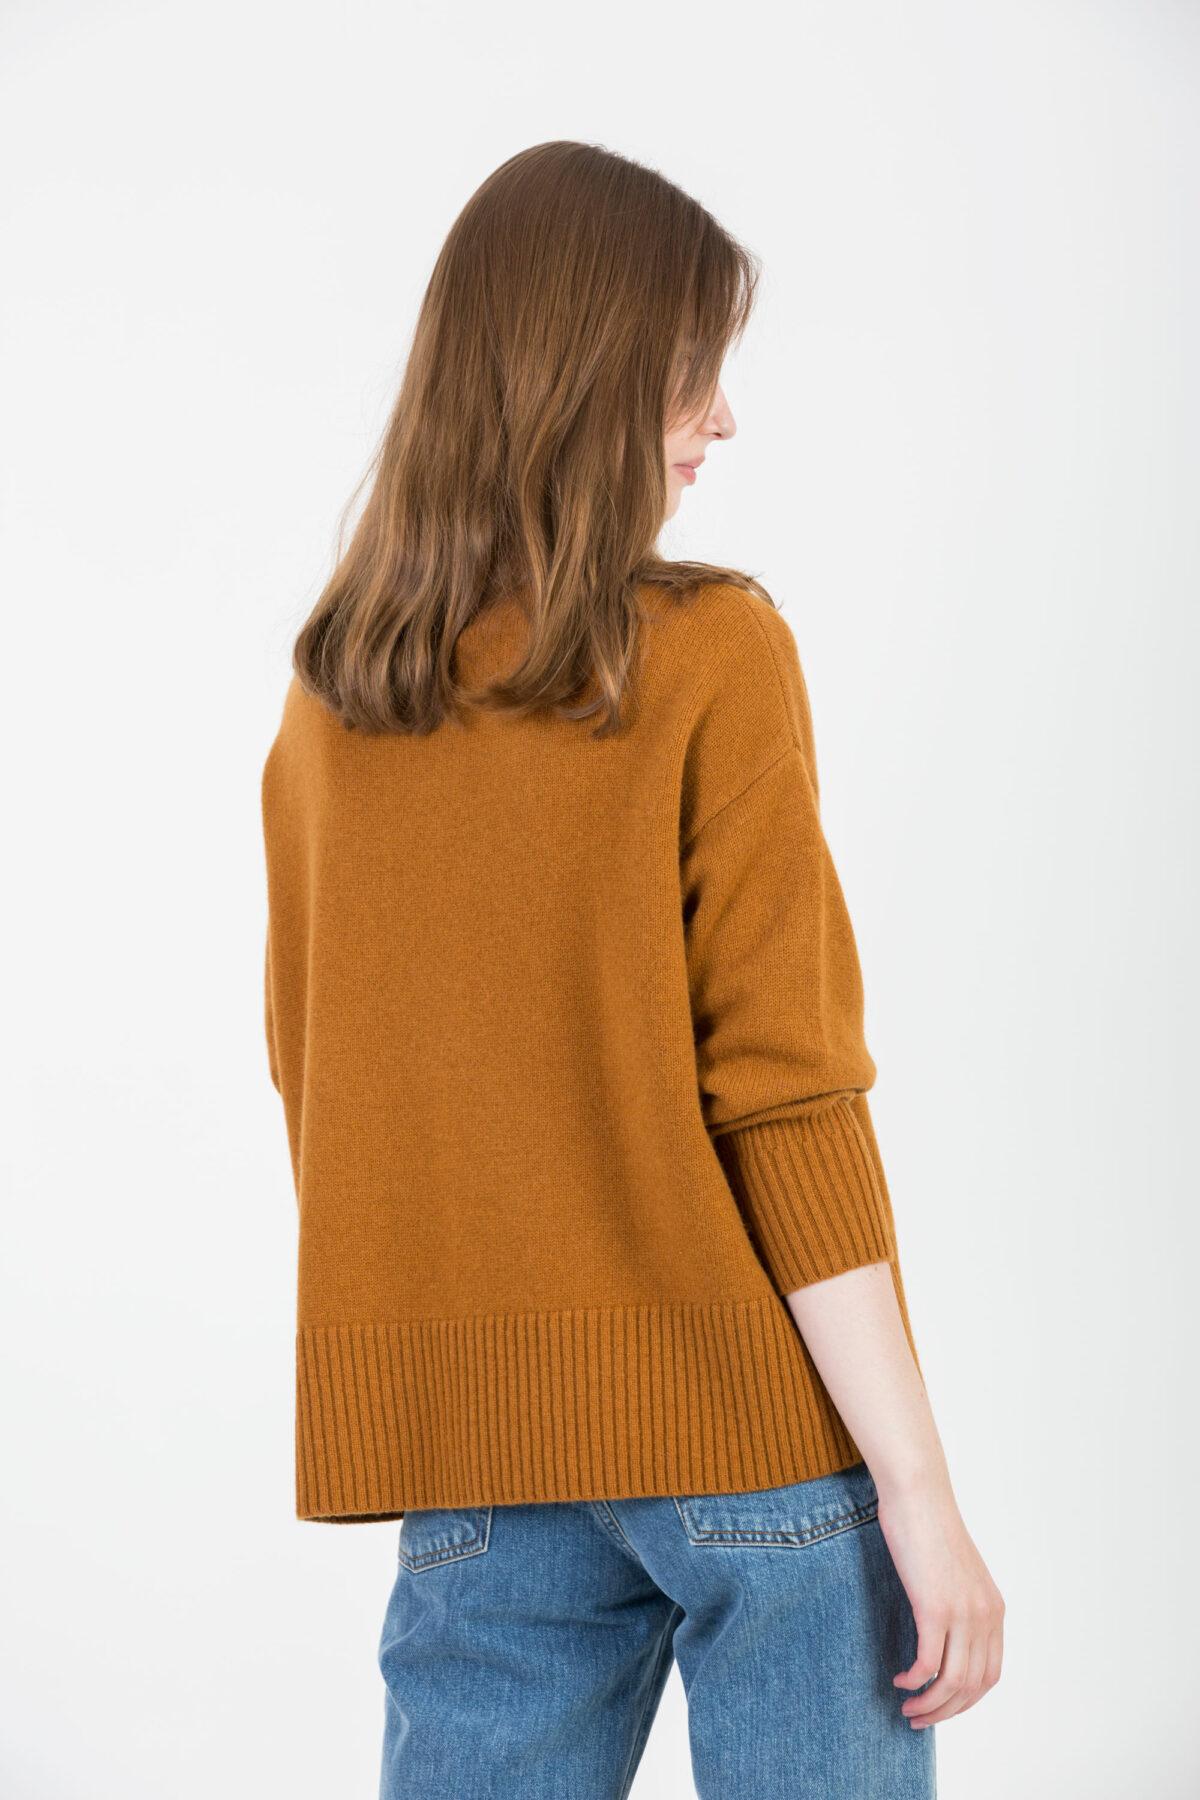 palace-camel-wool-turtleneck-sweater-suncoo-matchboxathens